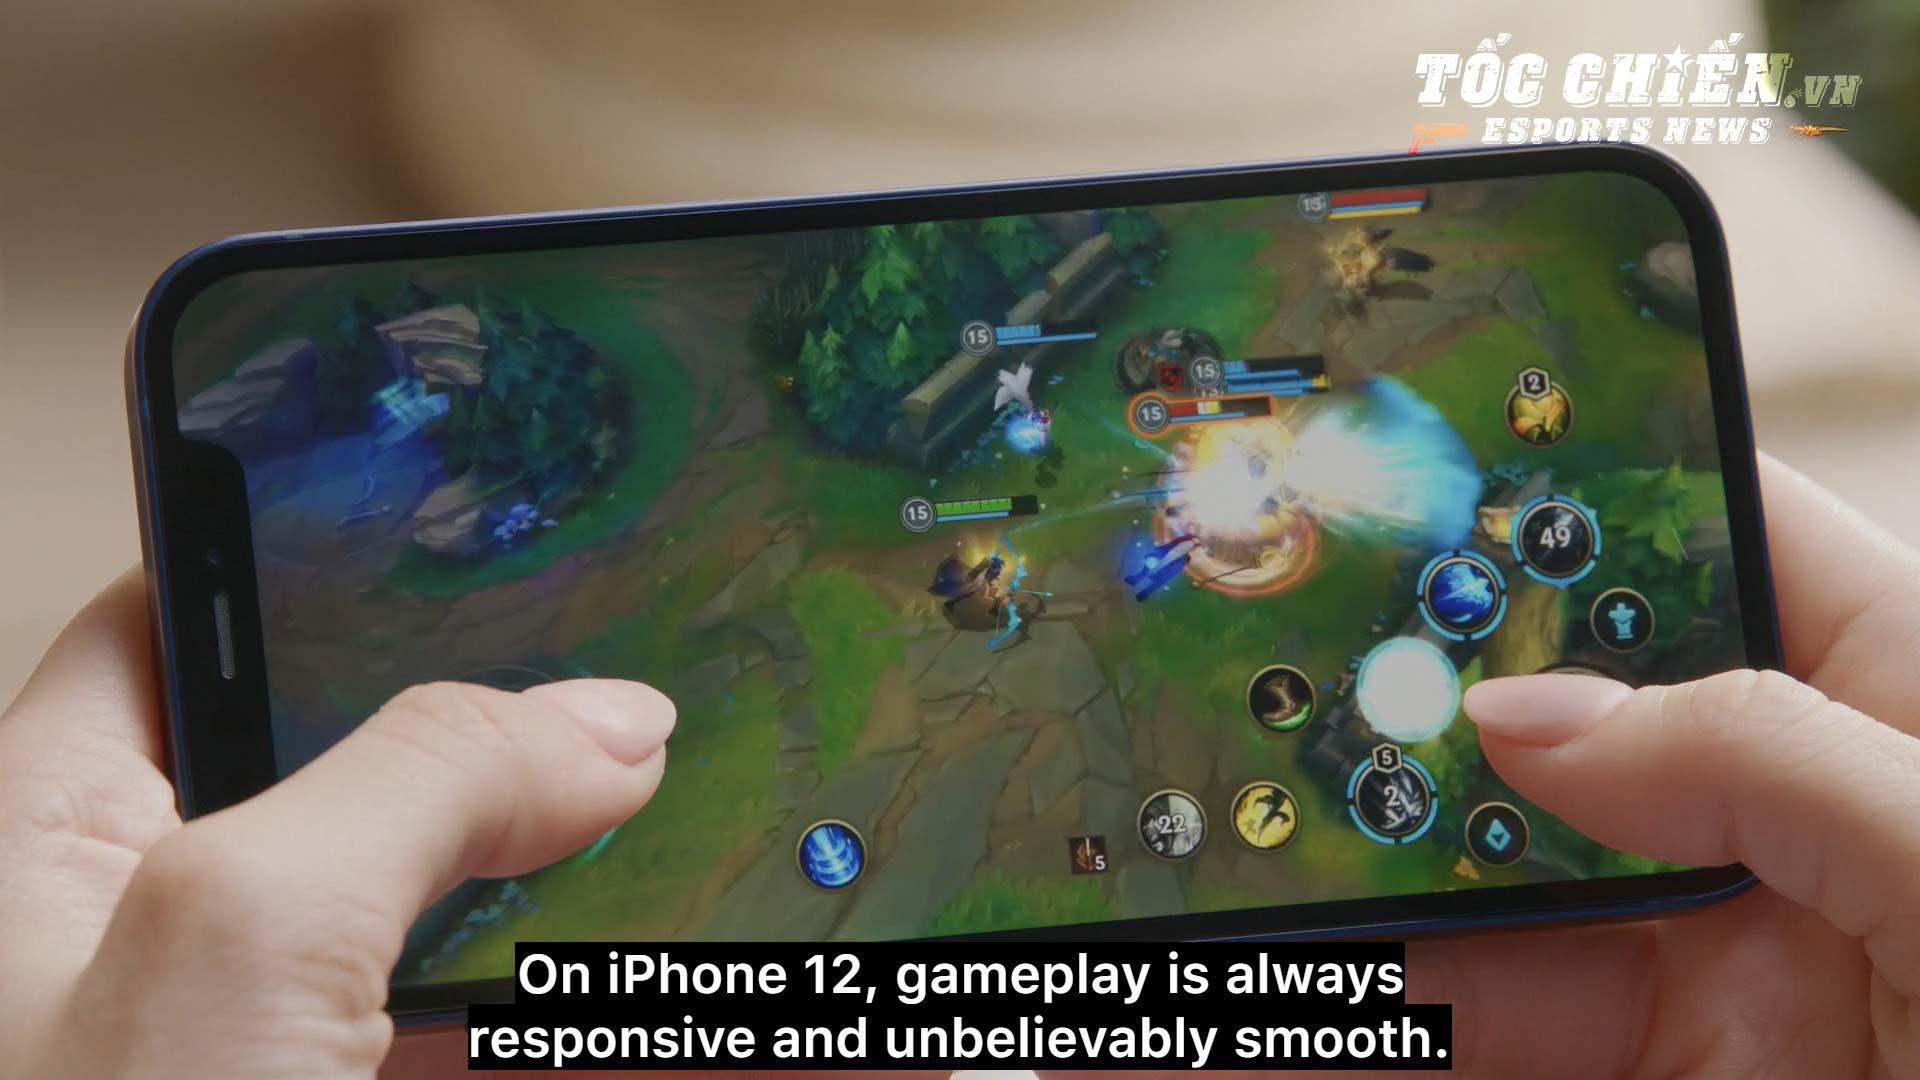 Lee Sin Tốc Chiến được hé lộ kĩ năng tại buổi trực tiếp ra mắt iPhone 12